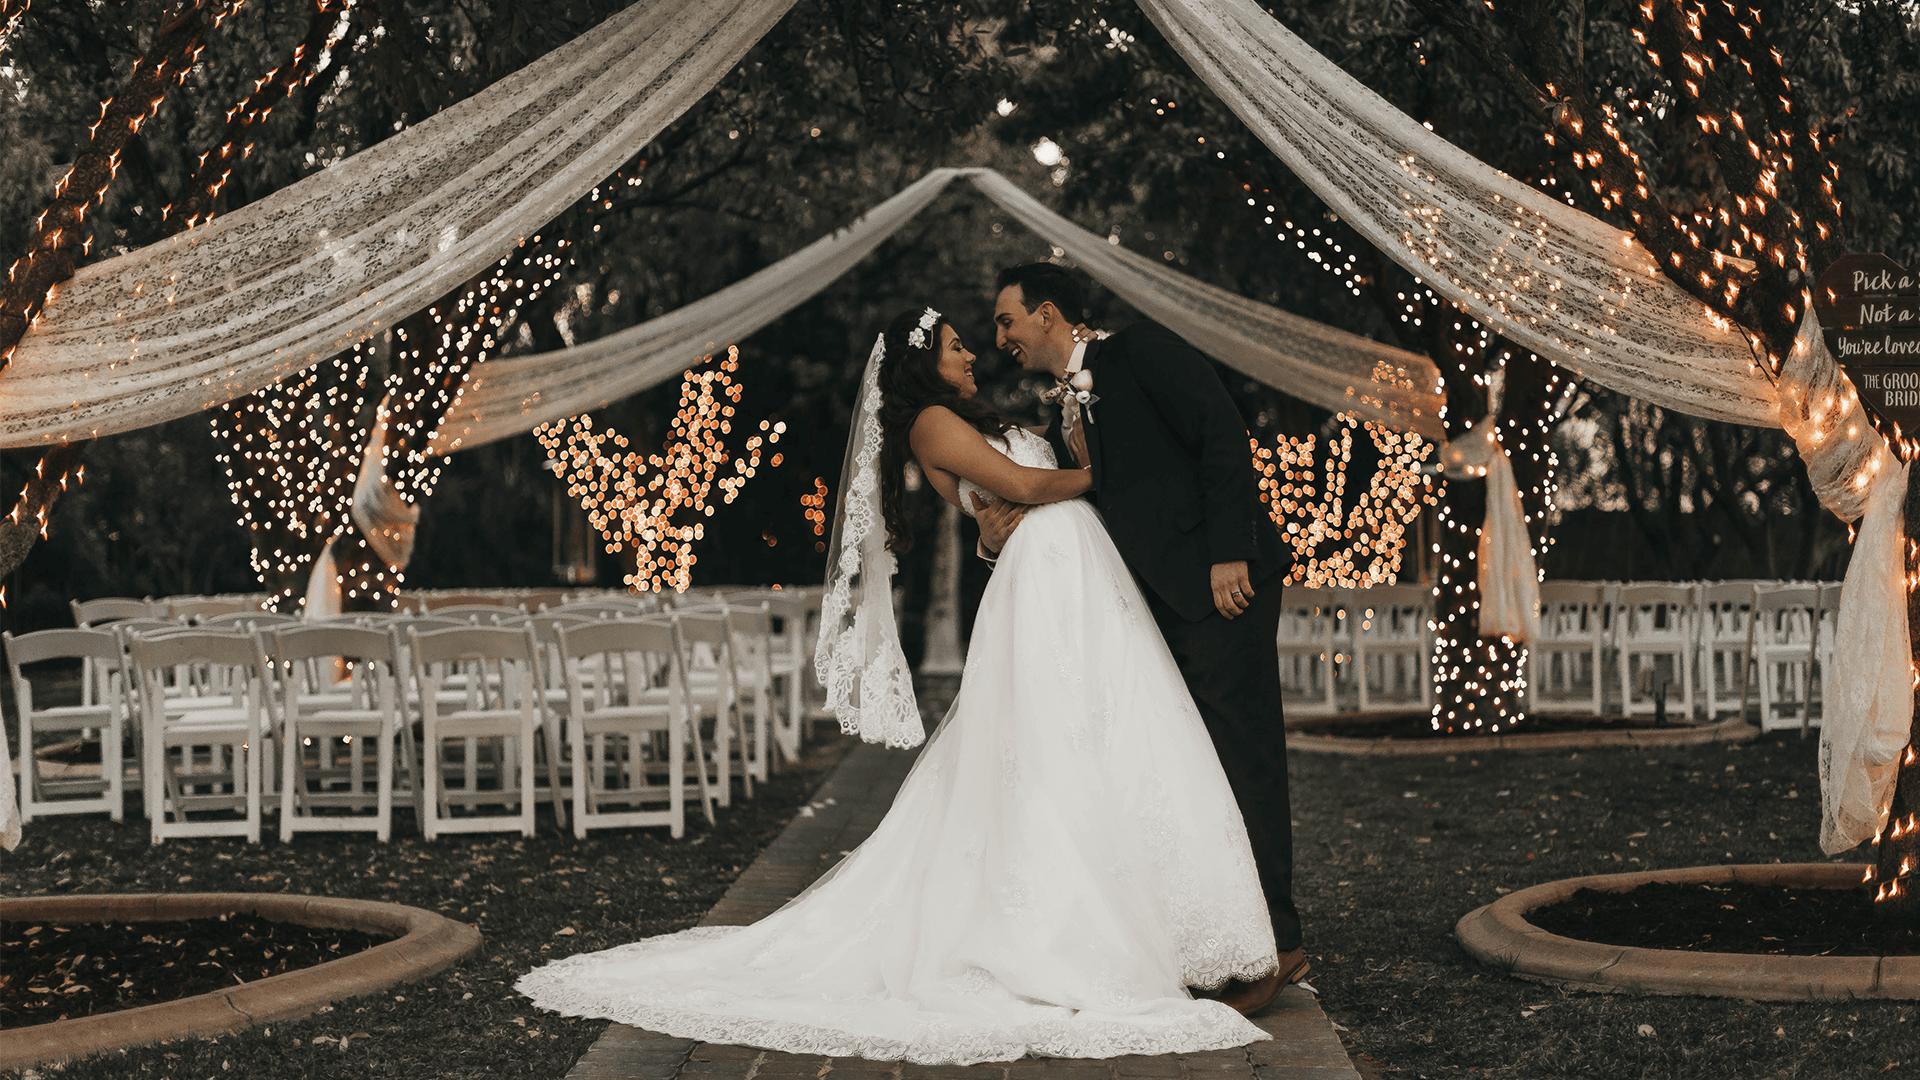 آیا به دنبال صرفه جویی در پول در روز عروسی خود هستید؟